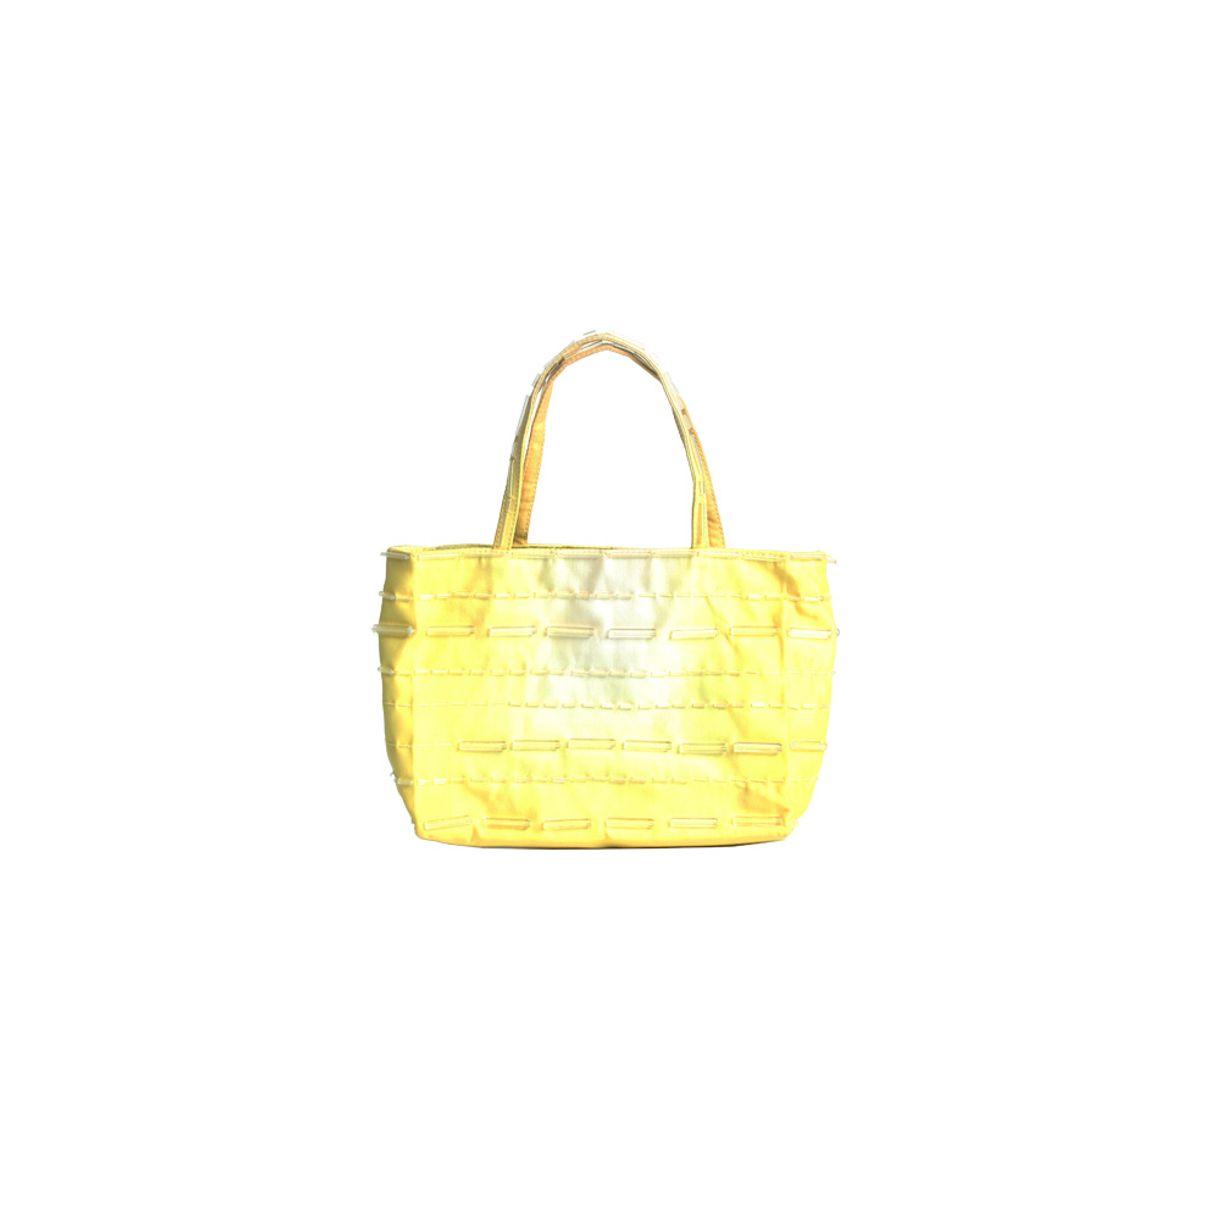 Mini-Bolsa-Prada-Tie-Dye-Amarela-com-Canutilhos